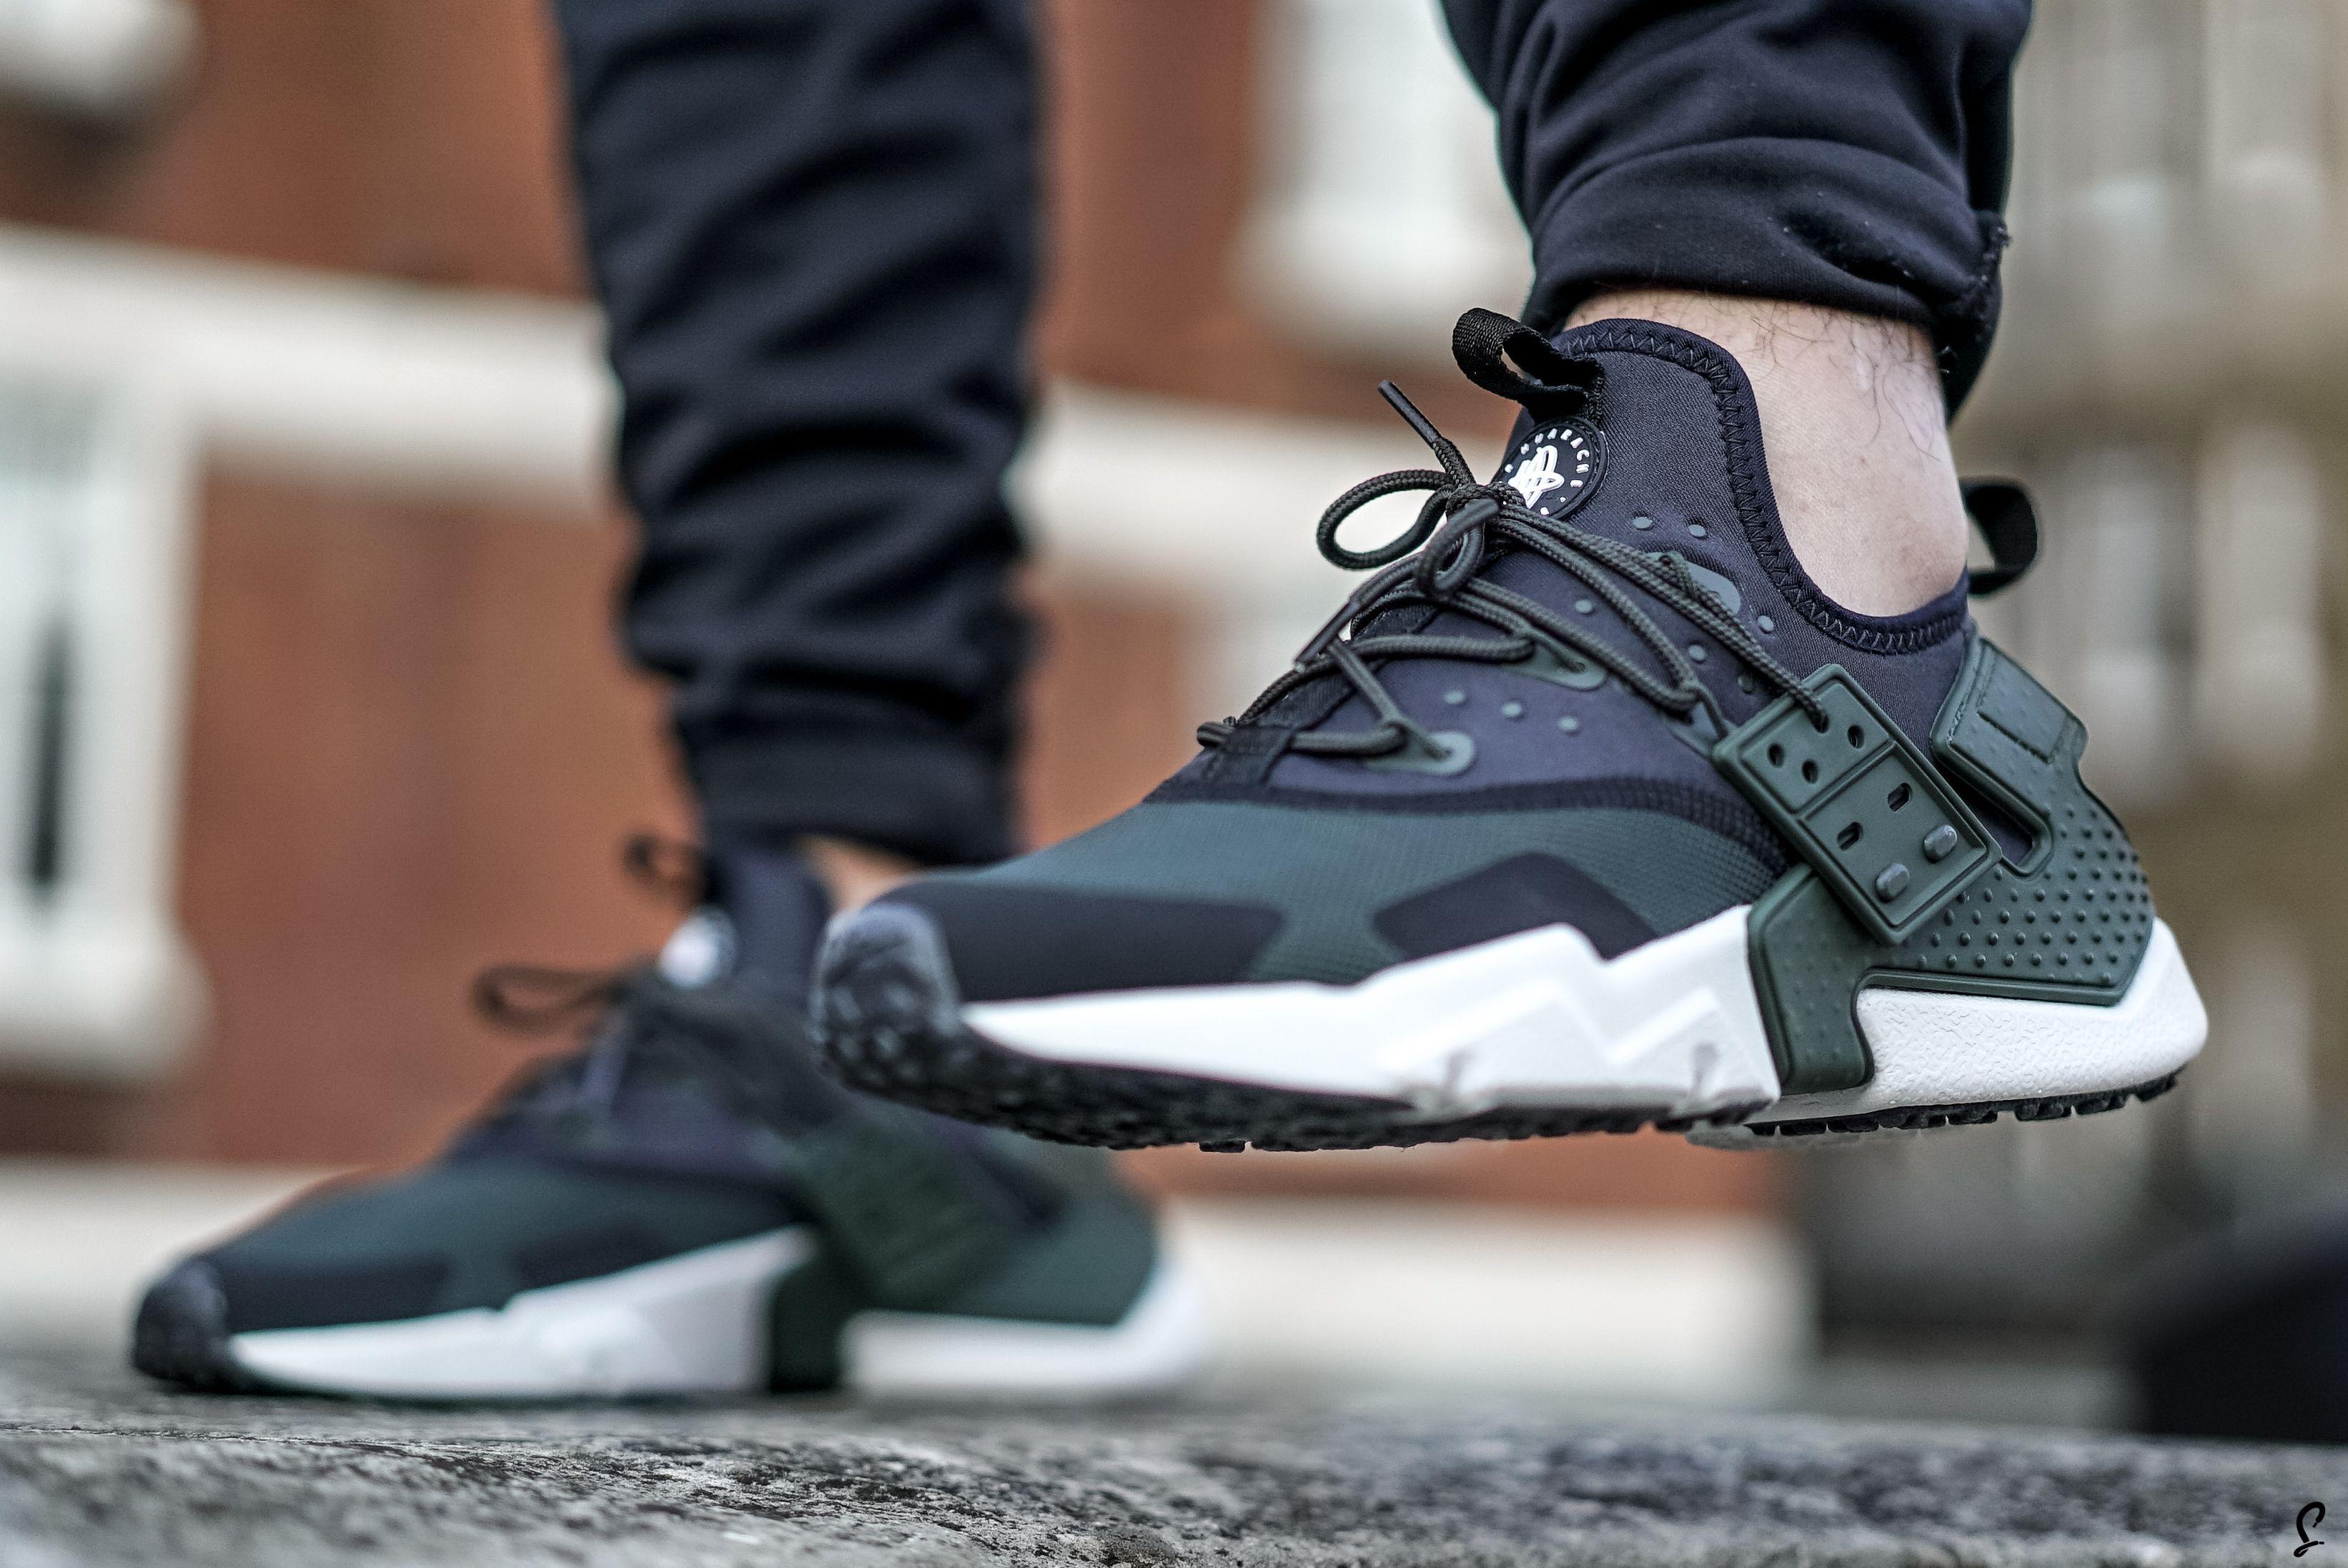 Distribución pérdida Dónde  Who's Feeling The New Nike Huarache? | Closer Look | The Sole Supplier |  Nike shoes huarache, New nike huarache, Nike shoes girls